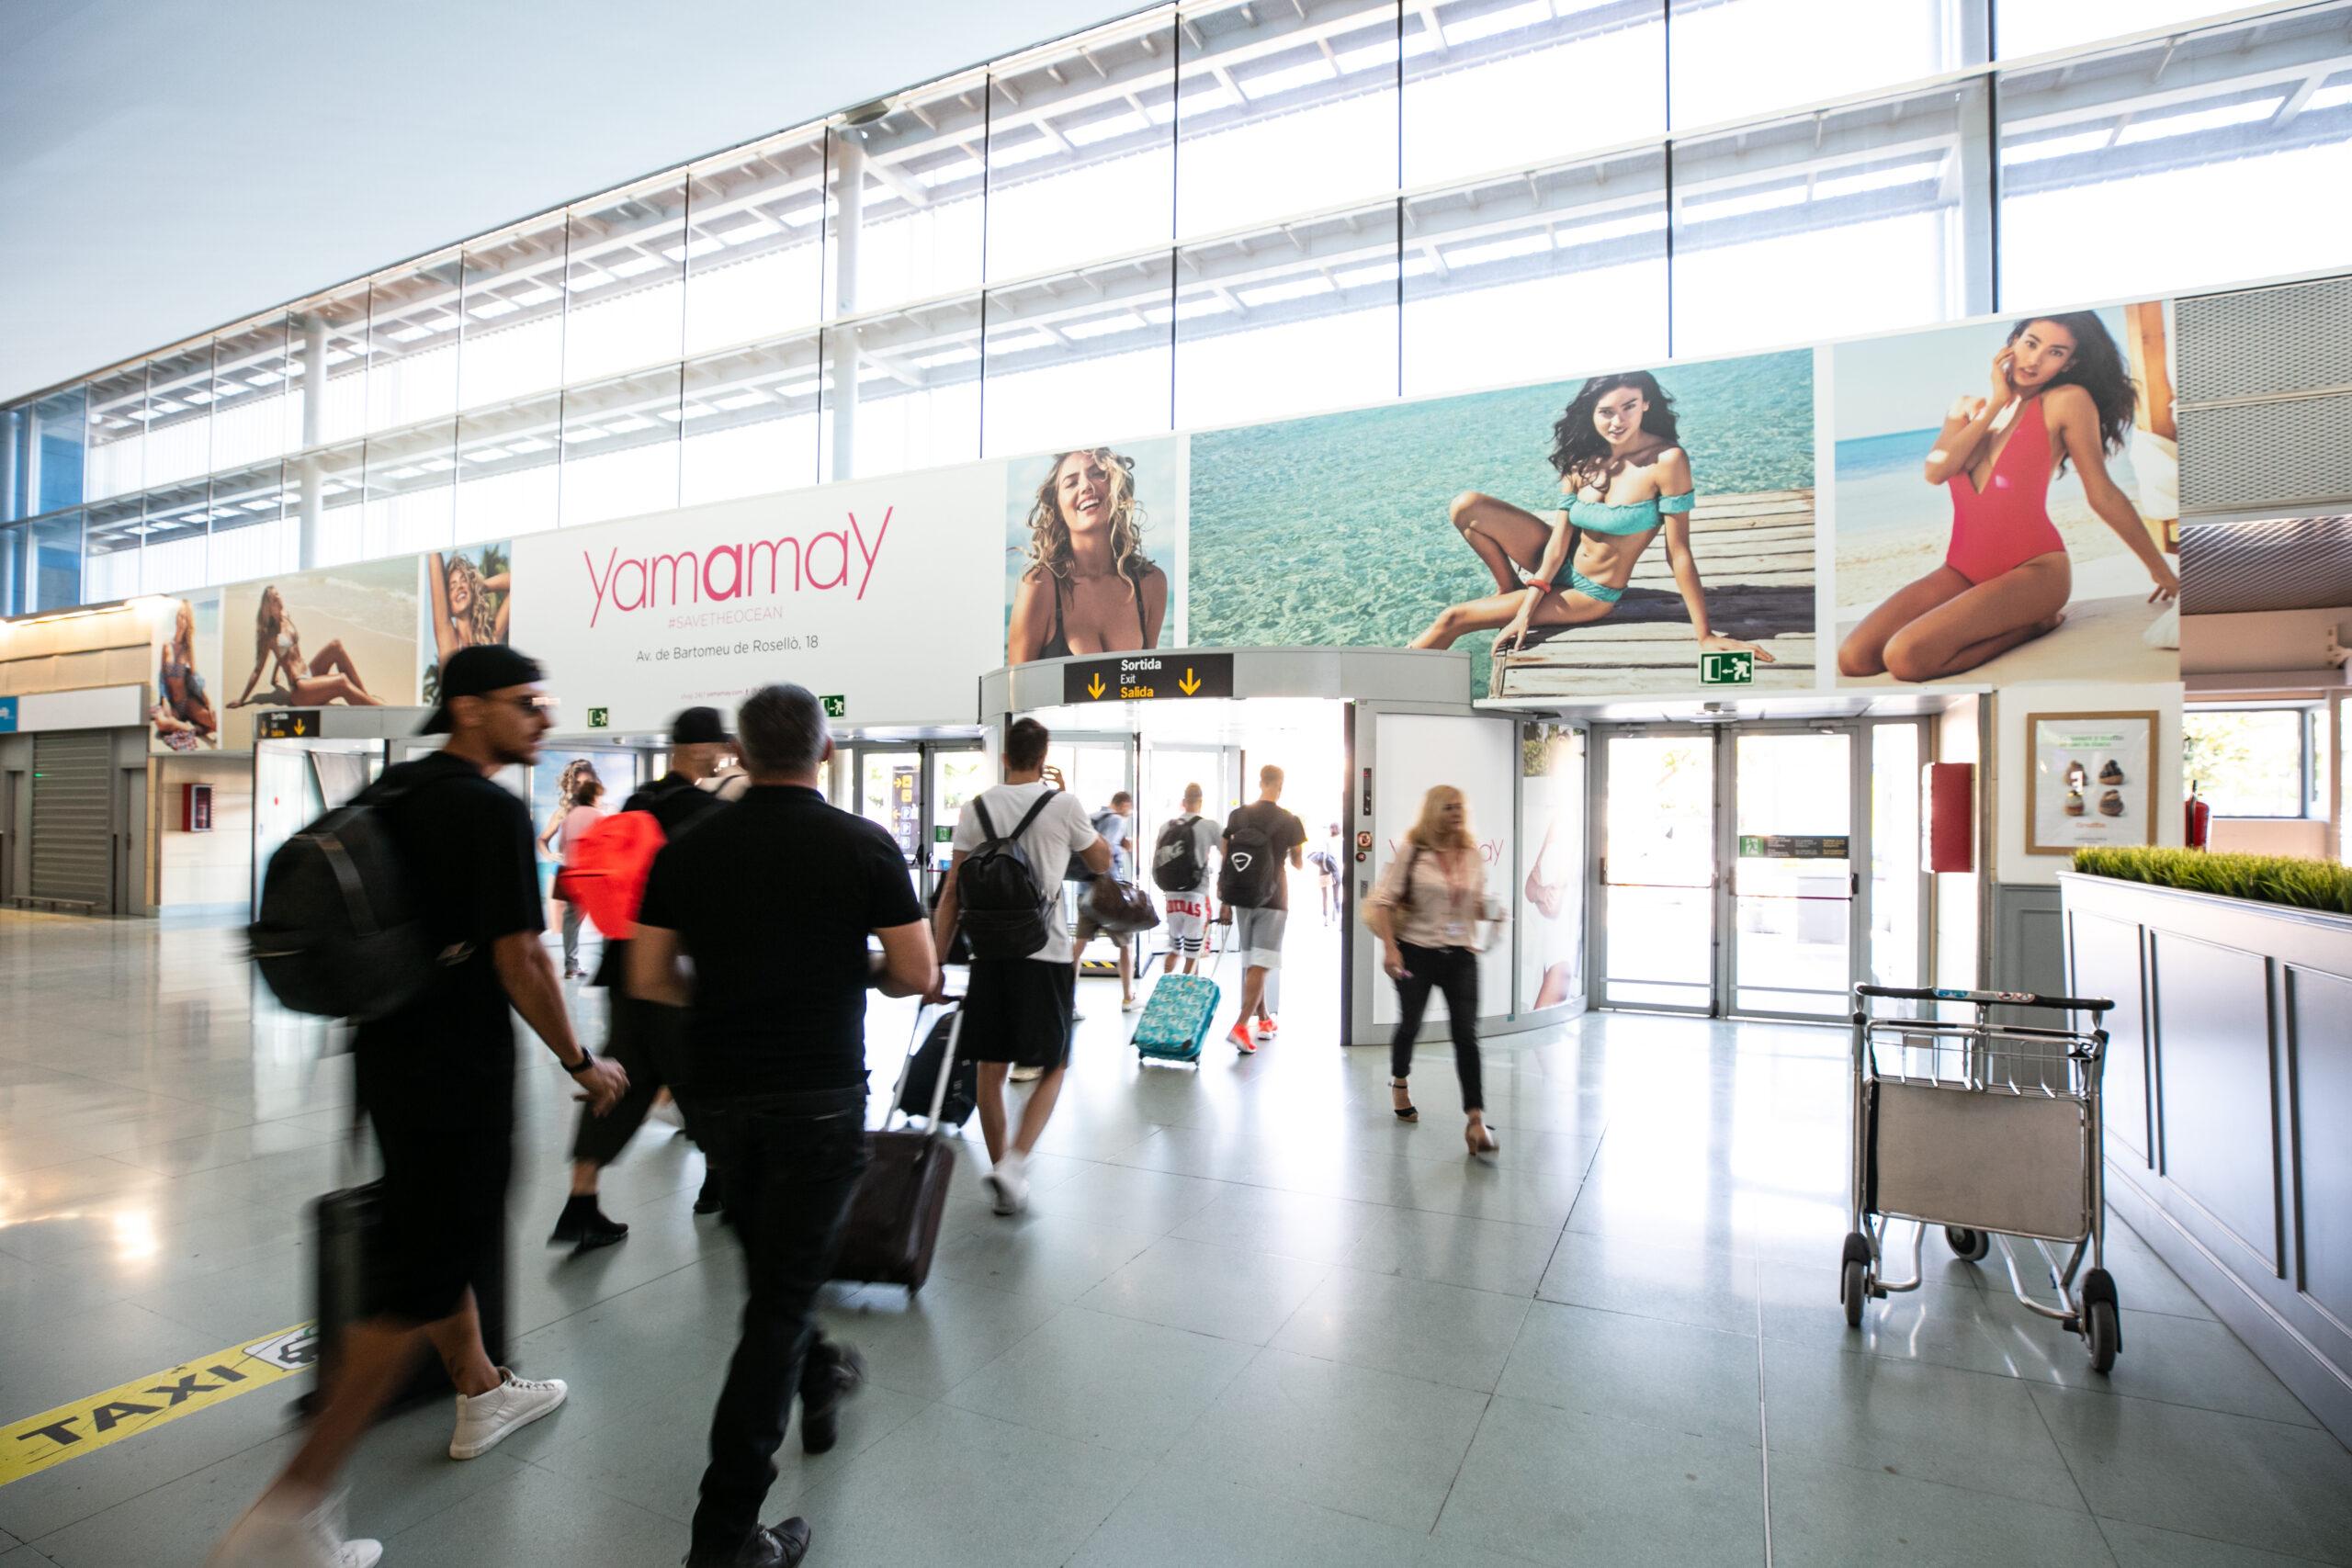 personalizzazione pubblicitaria della porta in uscita dall'aeroporto di Ibiza